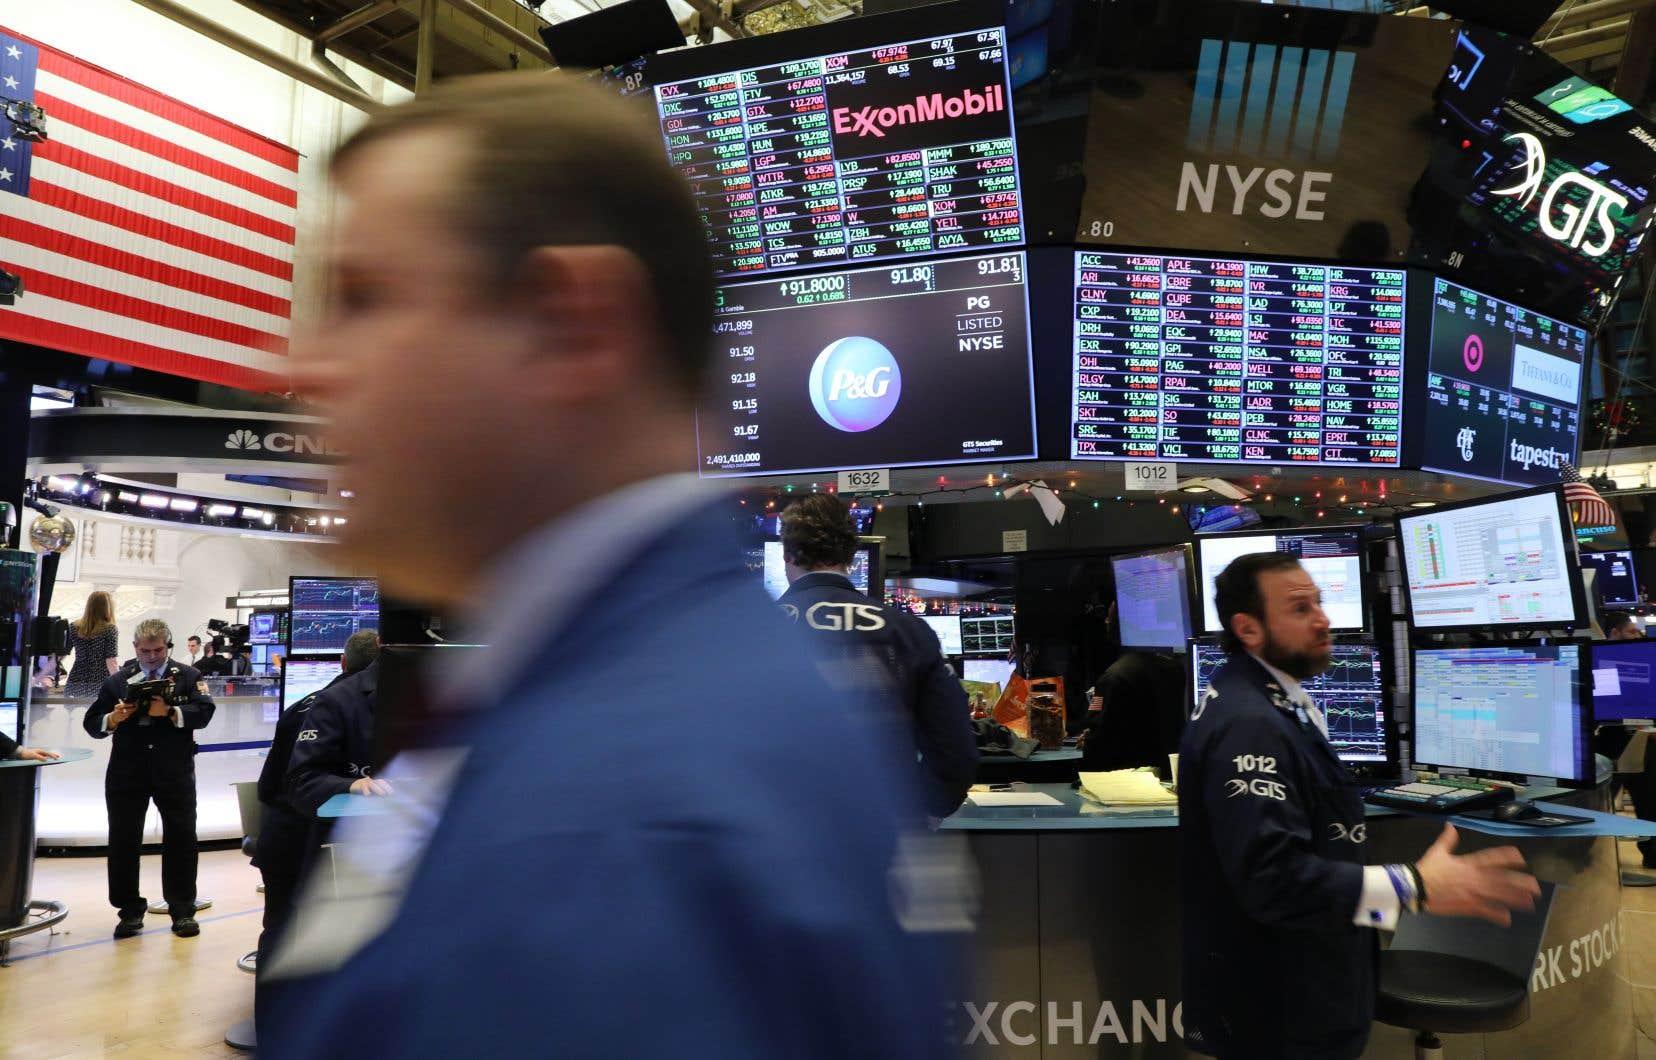 Indicateur de référence à Wall Street, le S&P 500 a dégringolé de 14% depuis la fin du mois de septembre.